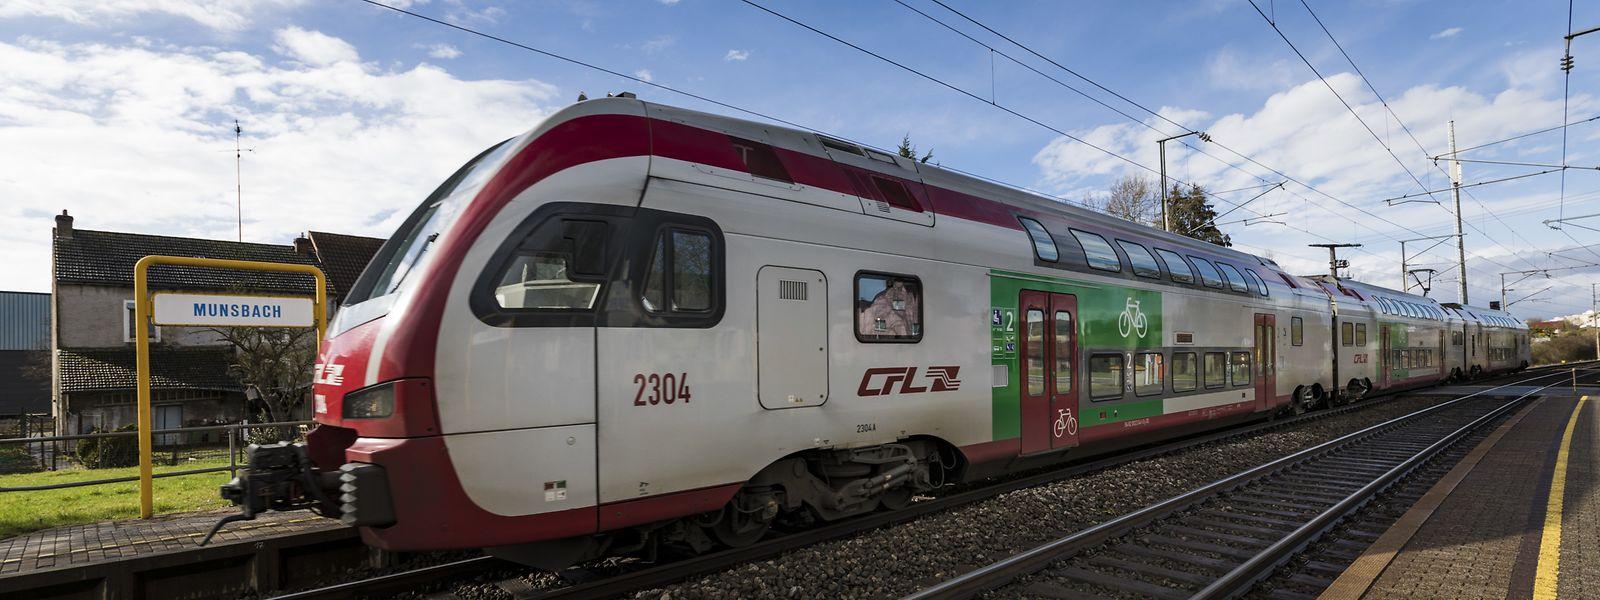 Ein Zug musste eine Notbremsung einlegen. Er kam beim Bahnhalt Münsbach zum Stehen.